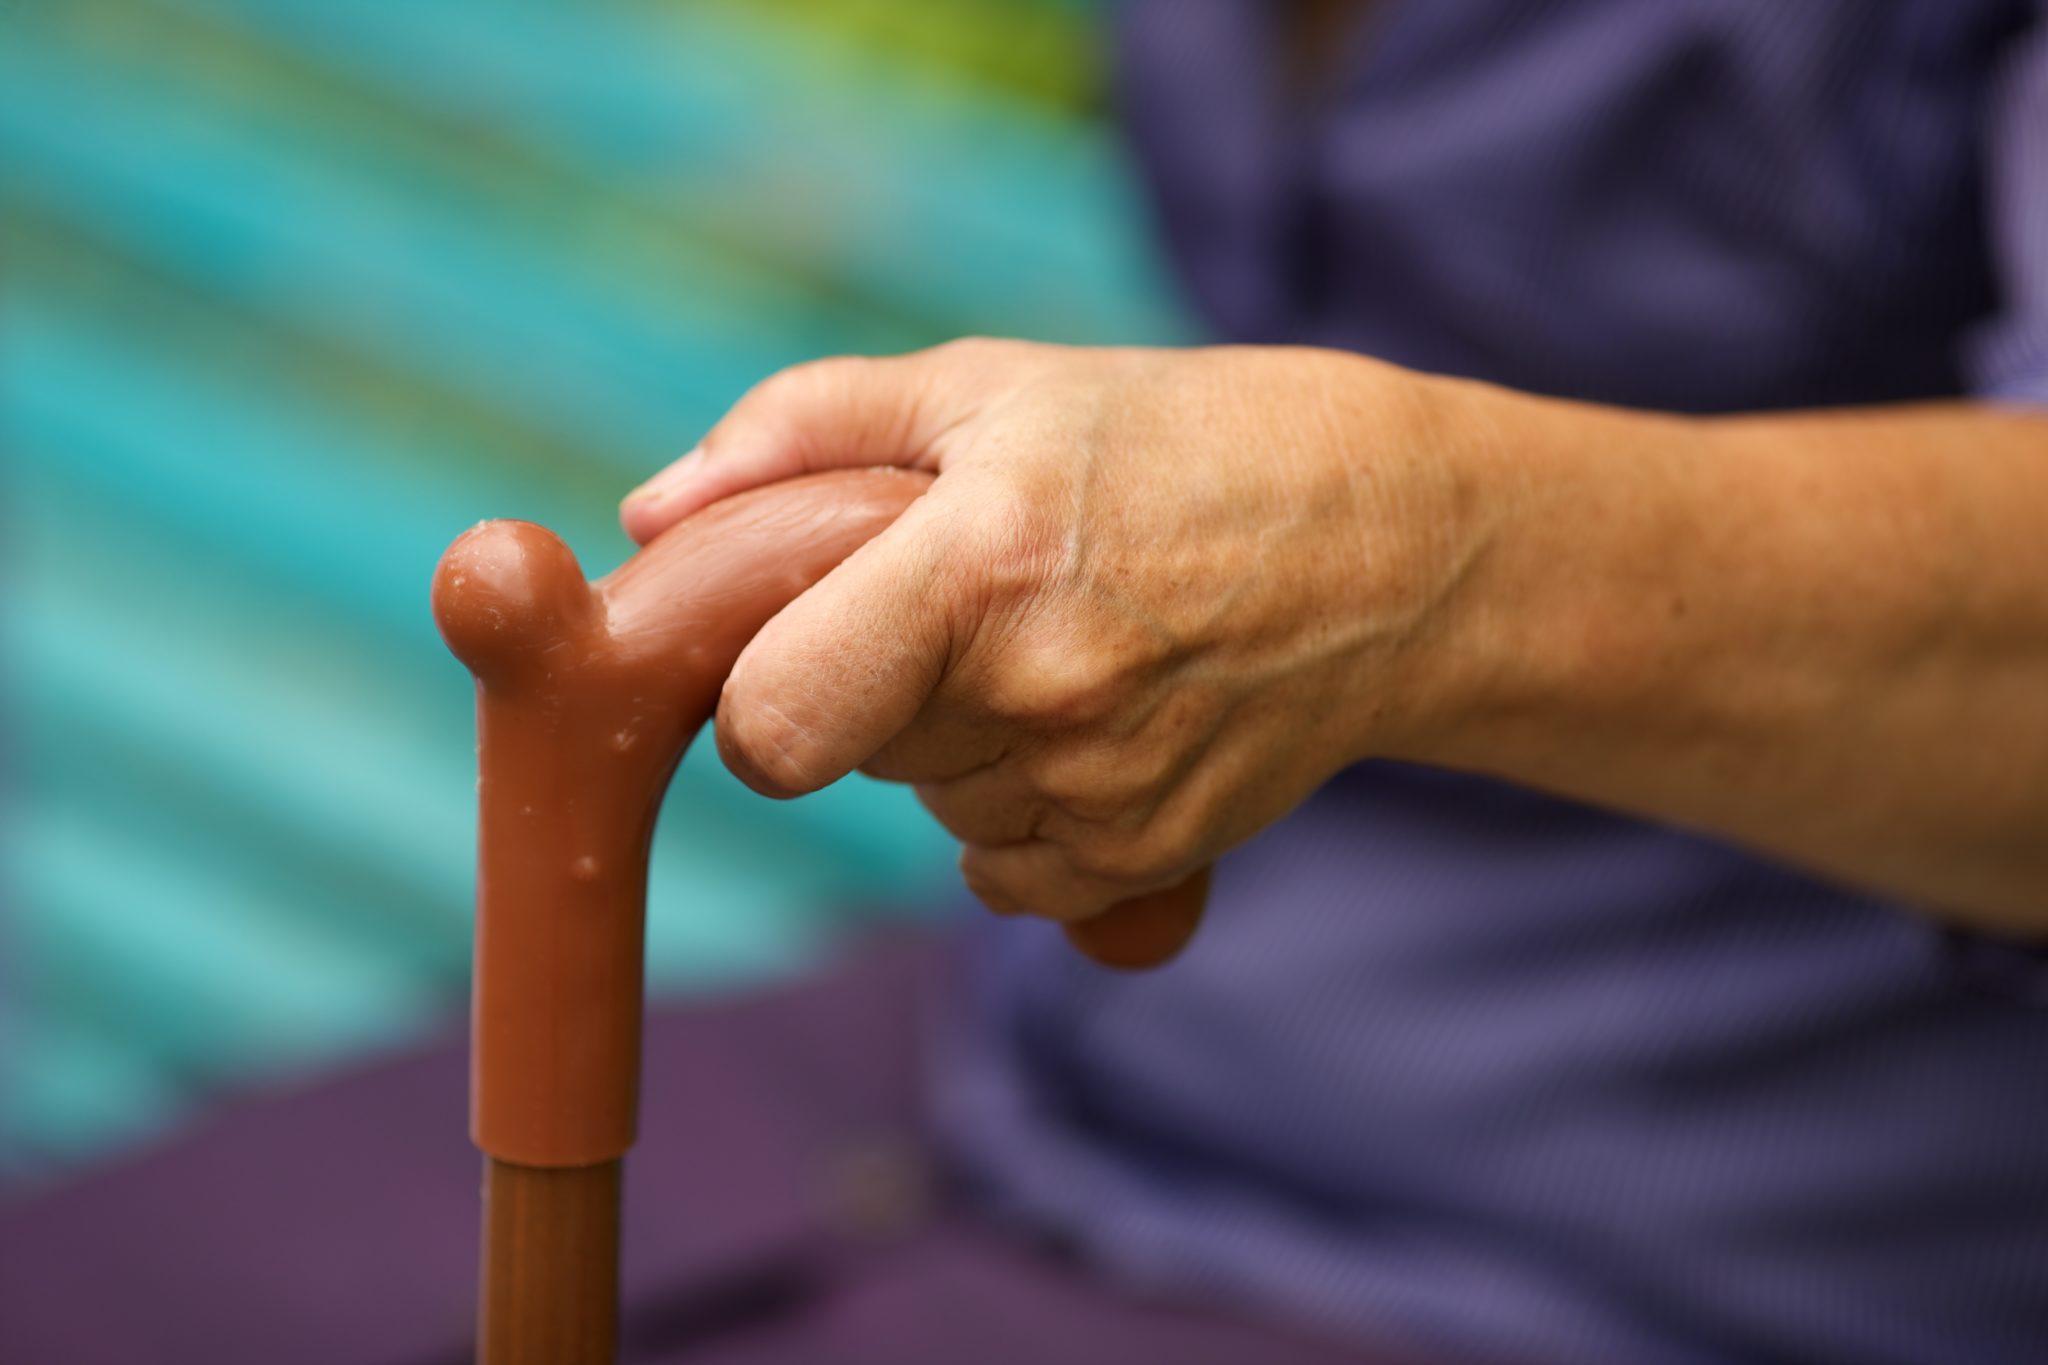 中風影響患者行動能力